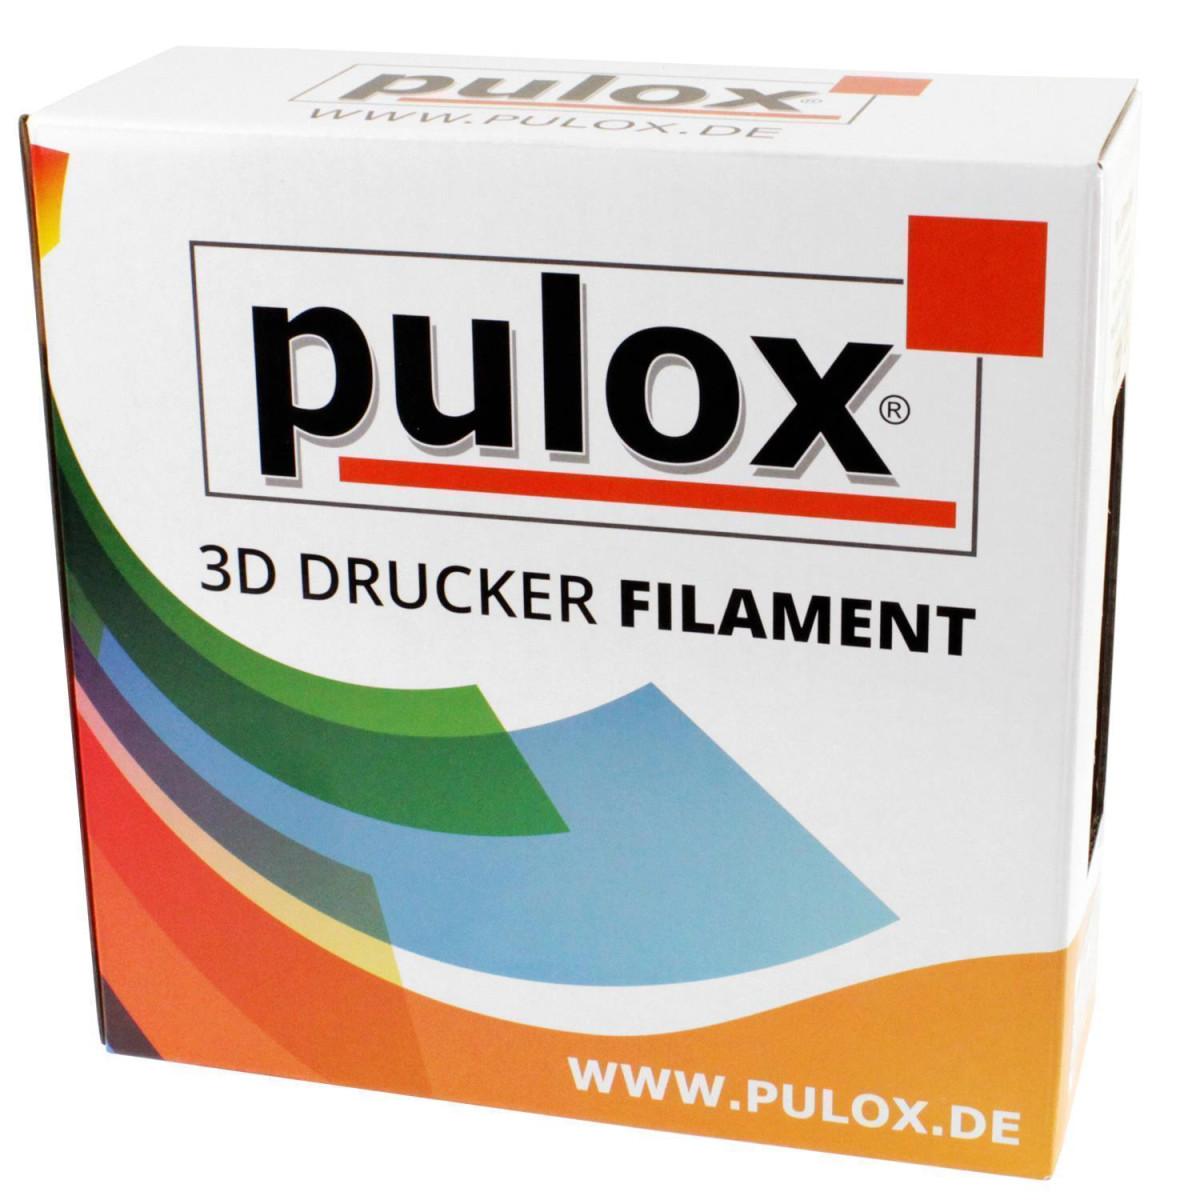 pulox 3d drucker abs filament rolle 1kg gr n pulsoximeter vo. Black Bedroom Furniture Sets. Home Design Ideas